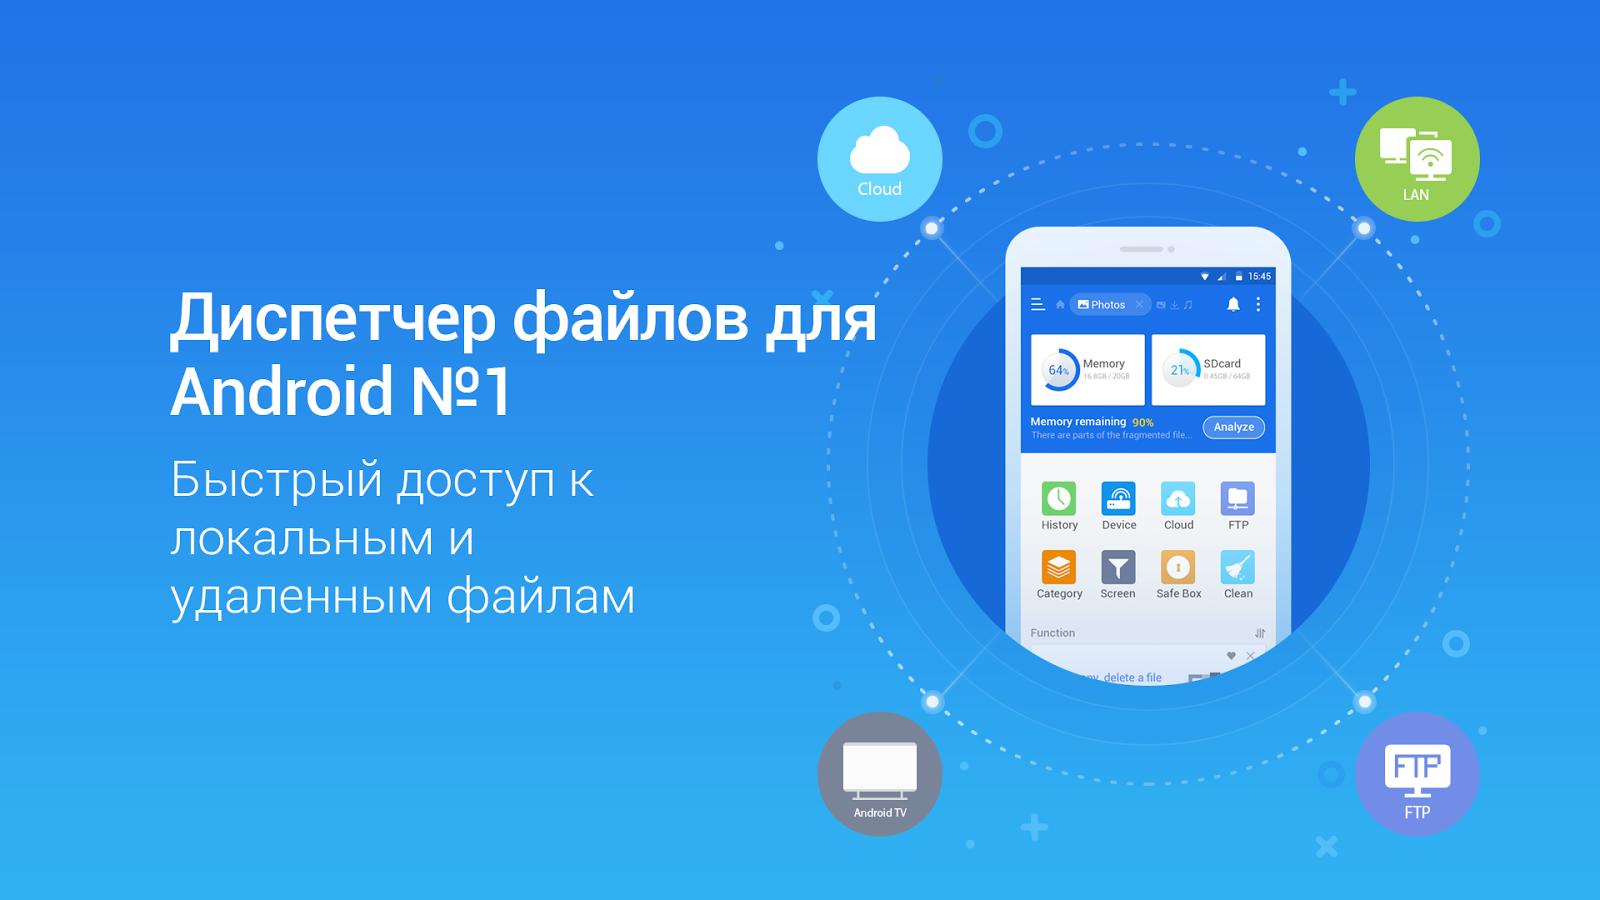 скачать es проводник на андроид бесплатно на русском языке последняя версия